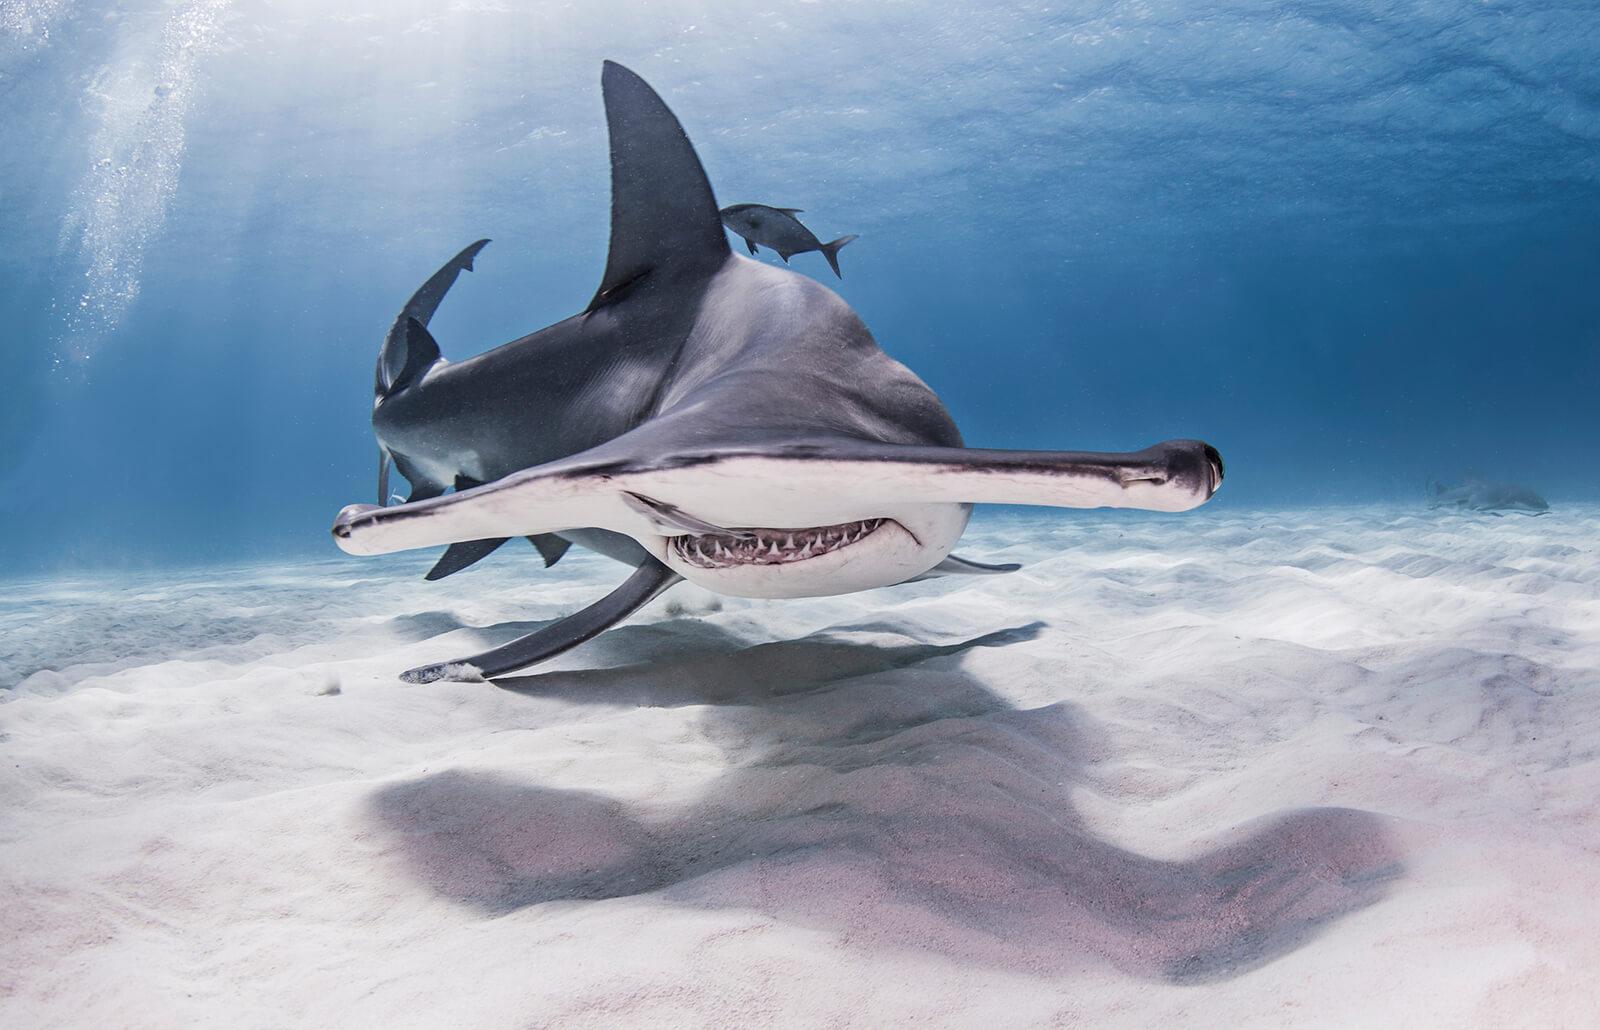 Tiburón martillo nadando en el mar